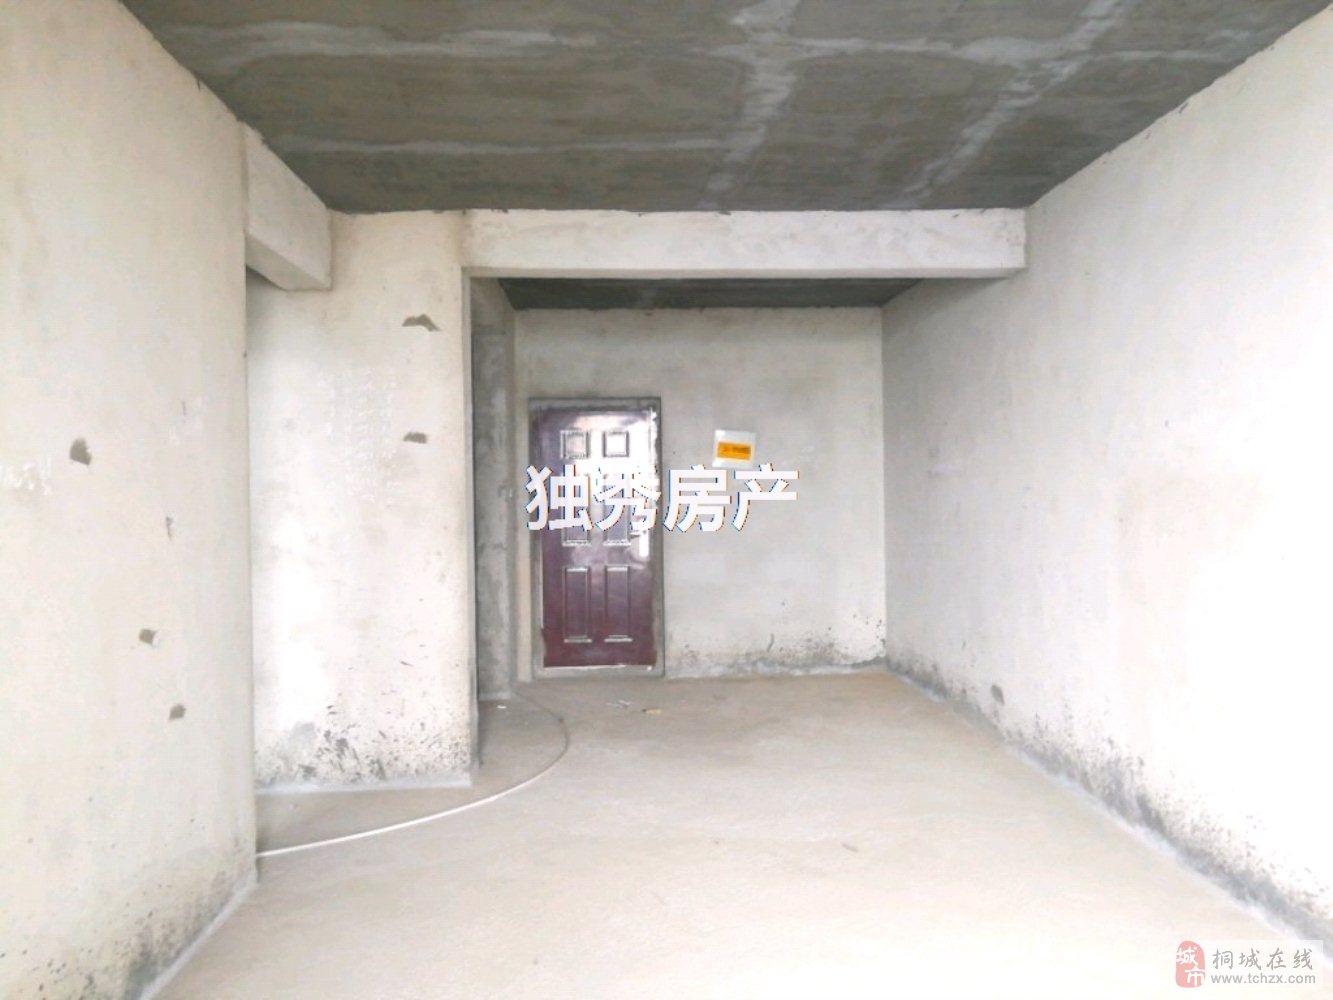 出售天红·中环银座毛坯房3室2厅1卫65万元